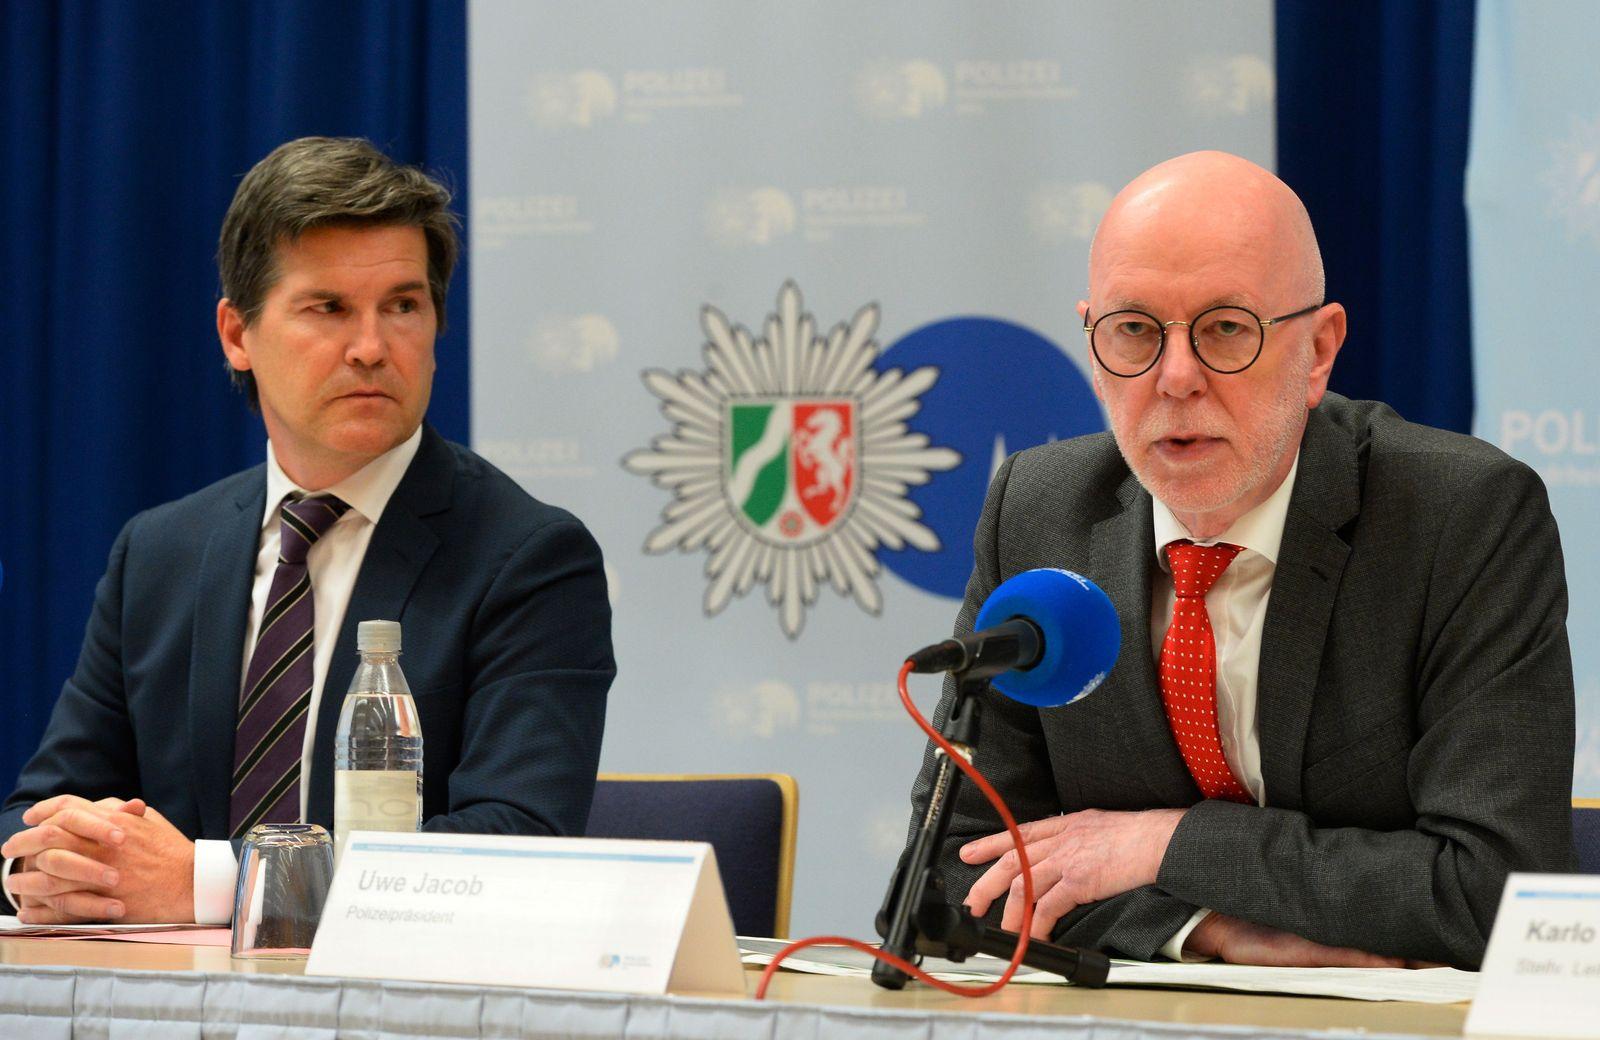 Stellungnahme zum Missbrauchsfall von Bergisch Gladbach